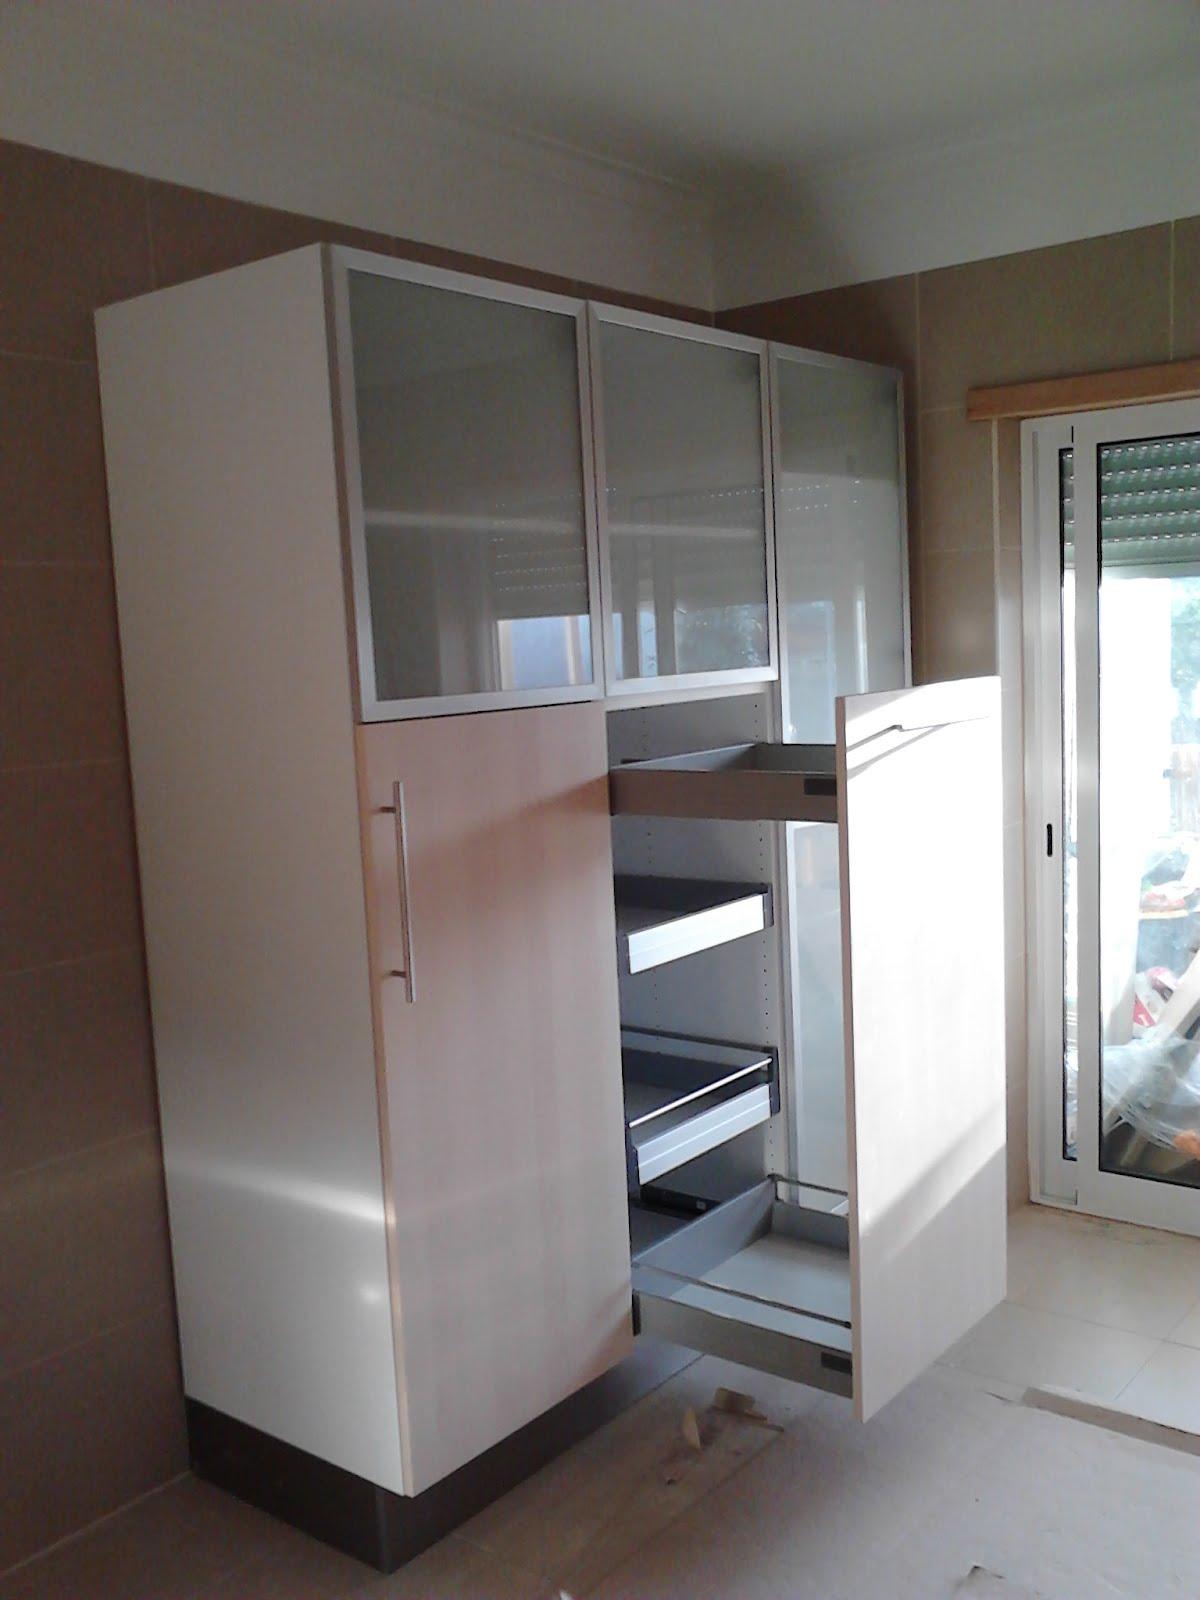 Construção Civil Unipessoal Lda: Montagem móveis cozinha Ikea #433830 1200 1600